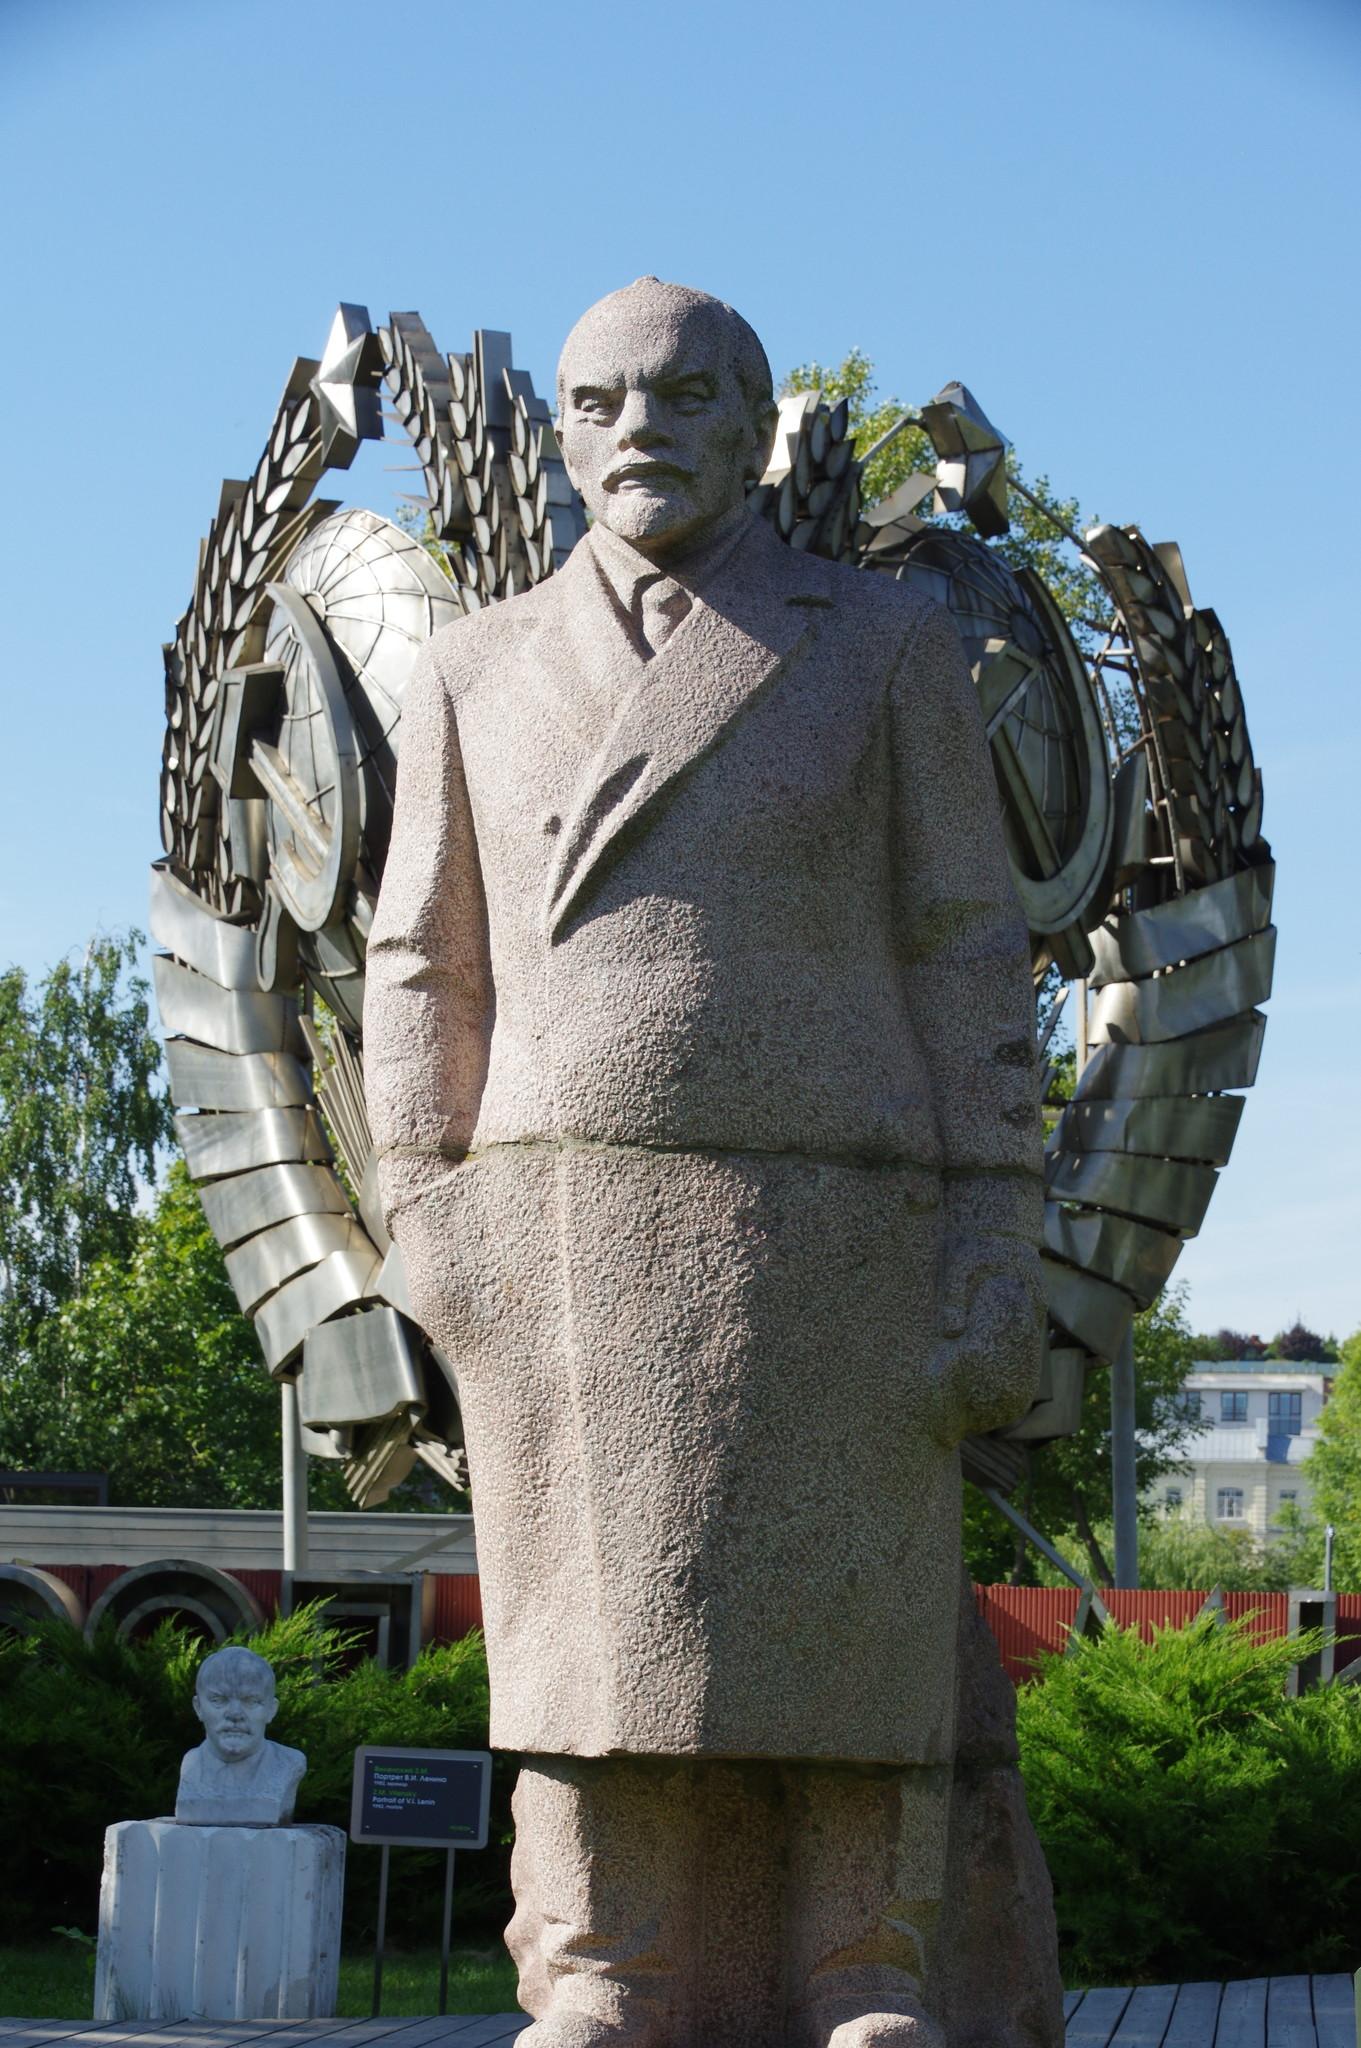 Ленин. 1970-е. Гранит. Чазов В.Д. Парк искусств «Музеон»